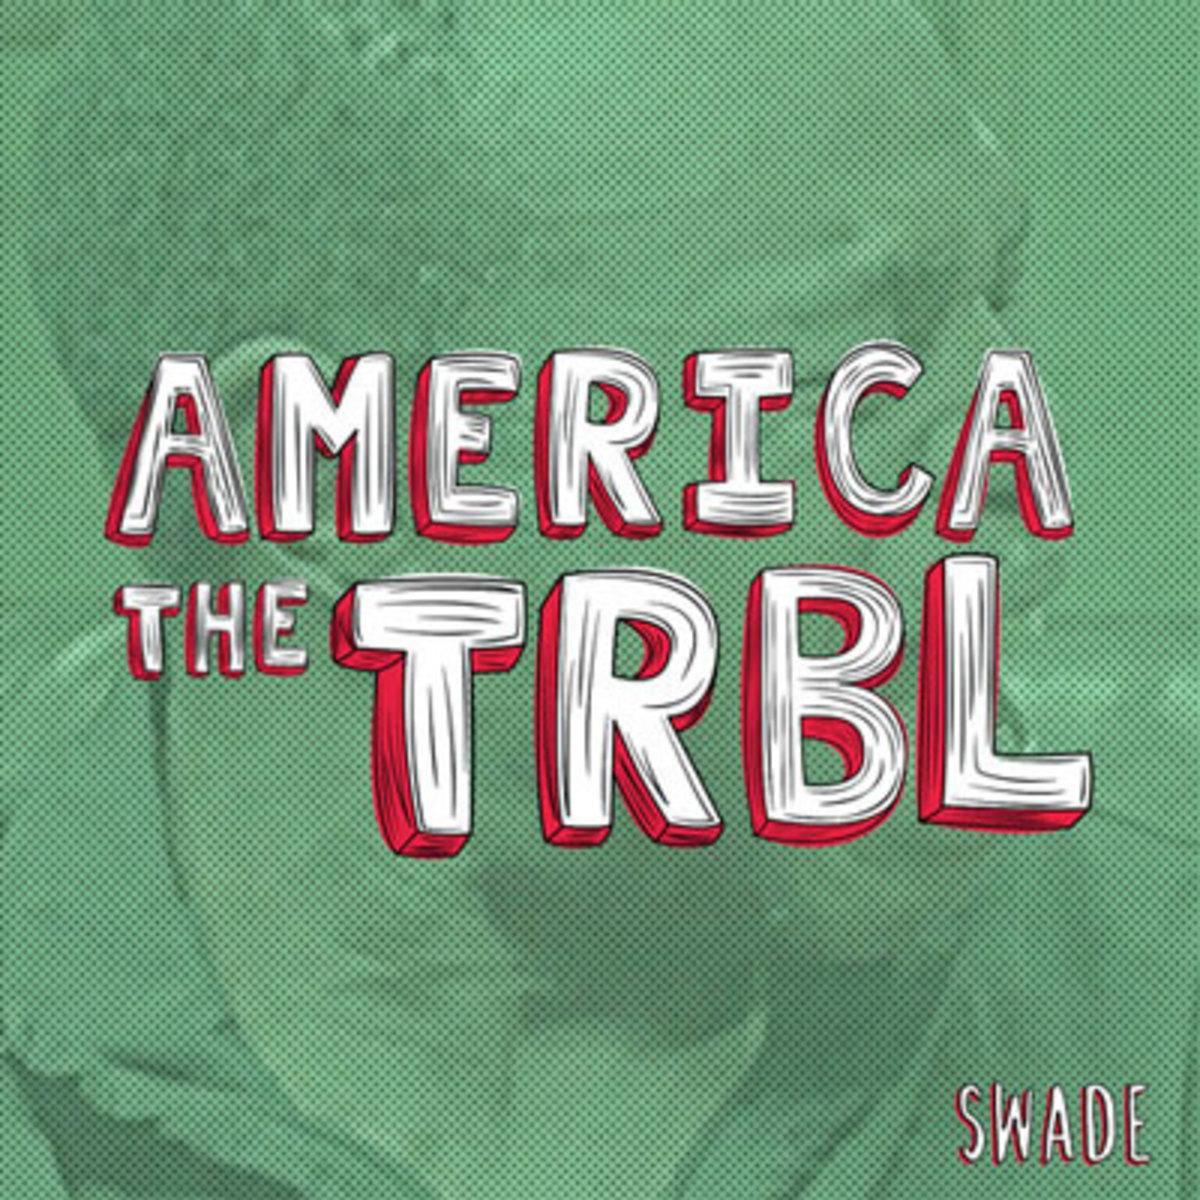 swade-americatrbl.jpg